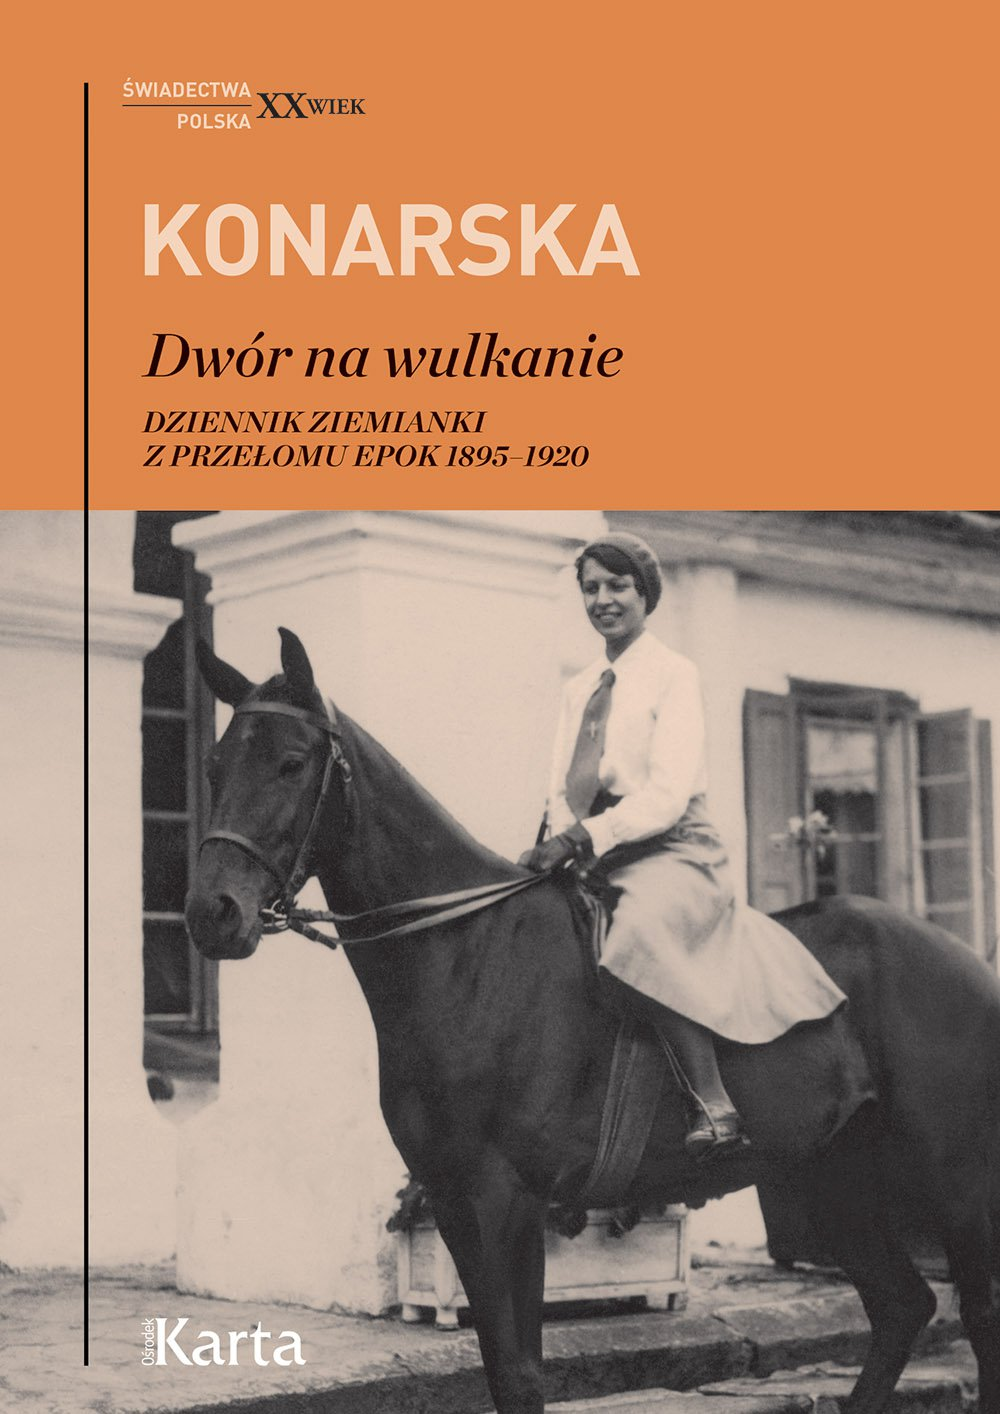 Dwór na wulkanie. Dziennik ziemianki z przełomu epok 1895–1920 - Ebook (Książka EPUB) do pobrania w formacie EPUB